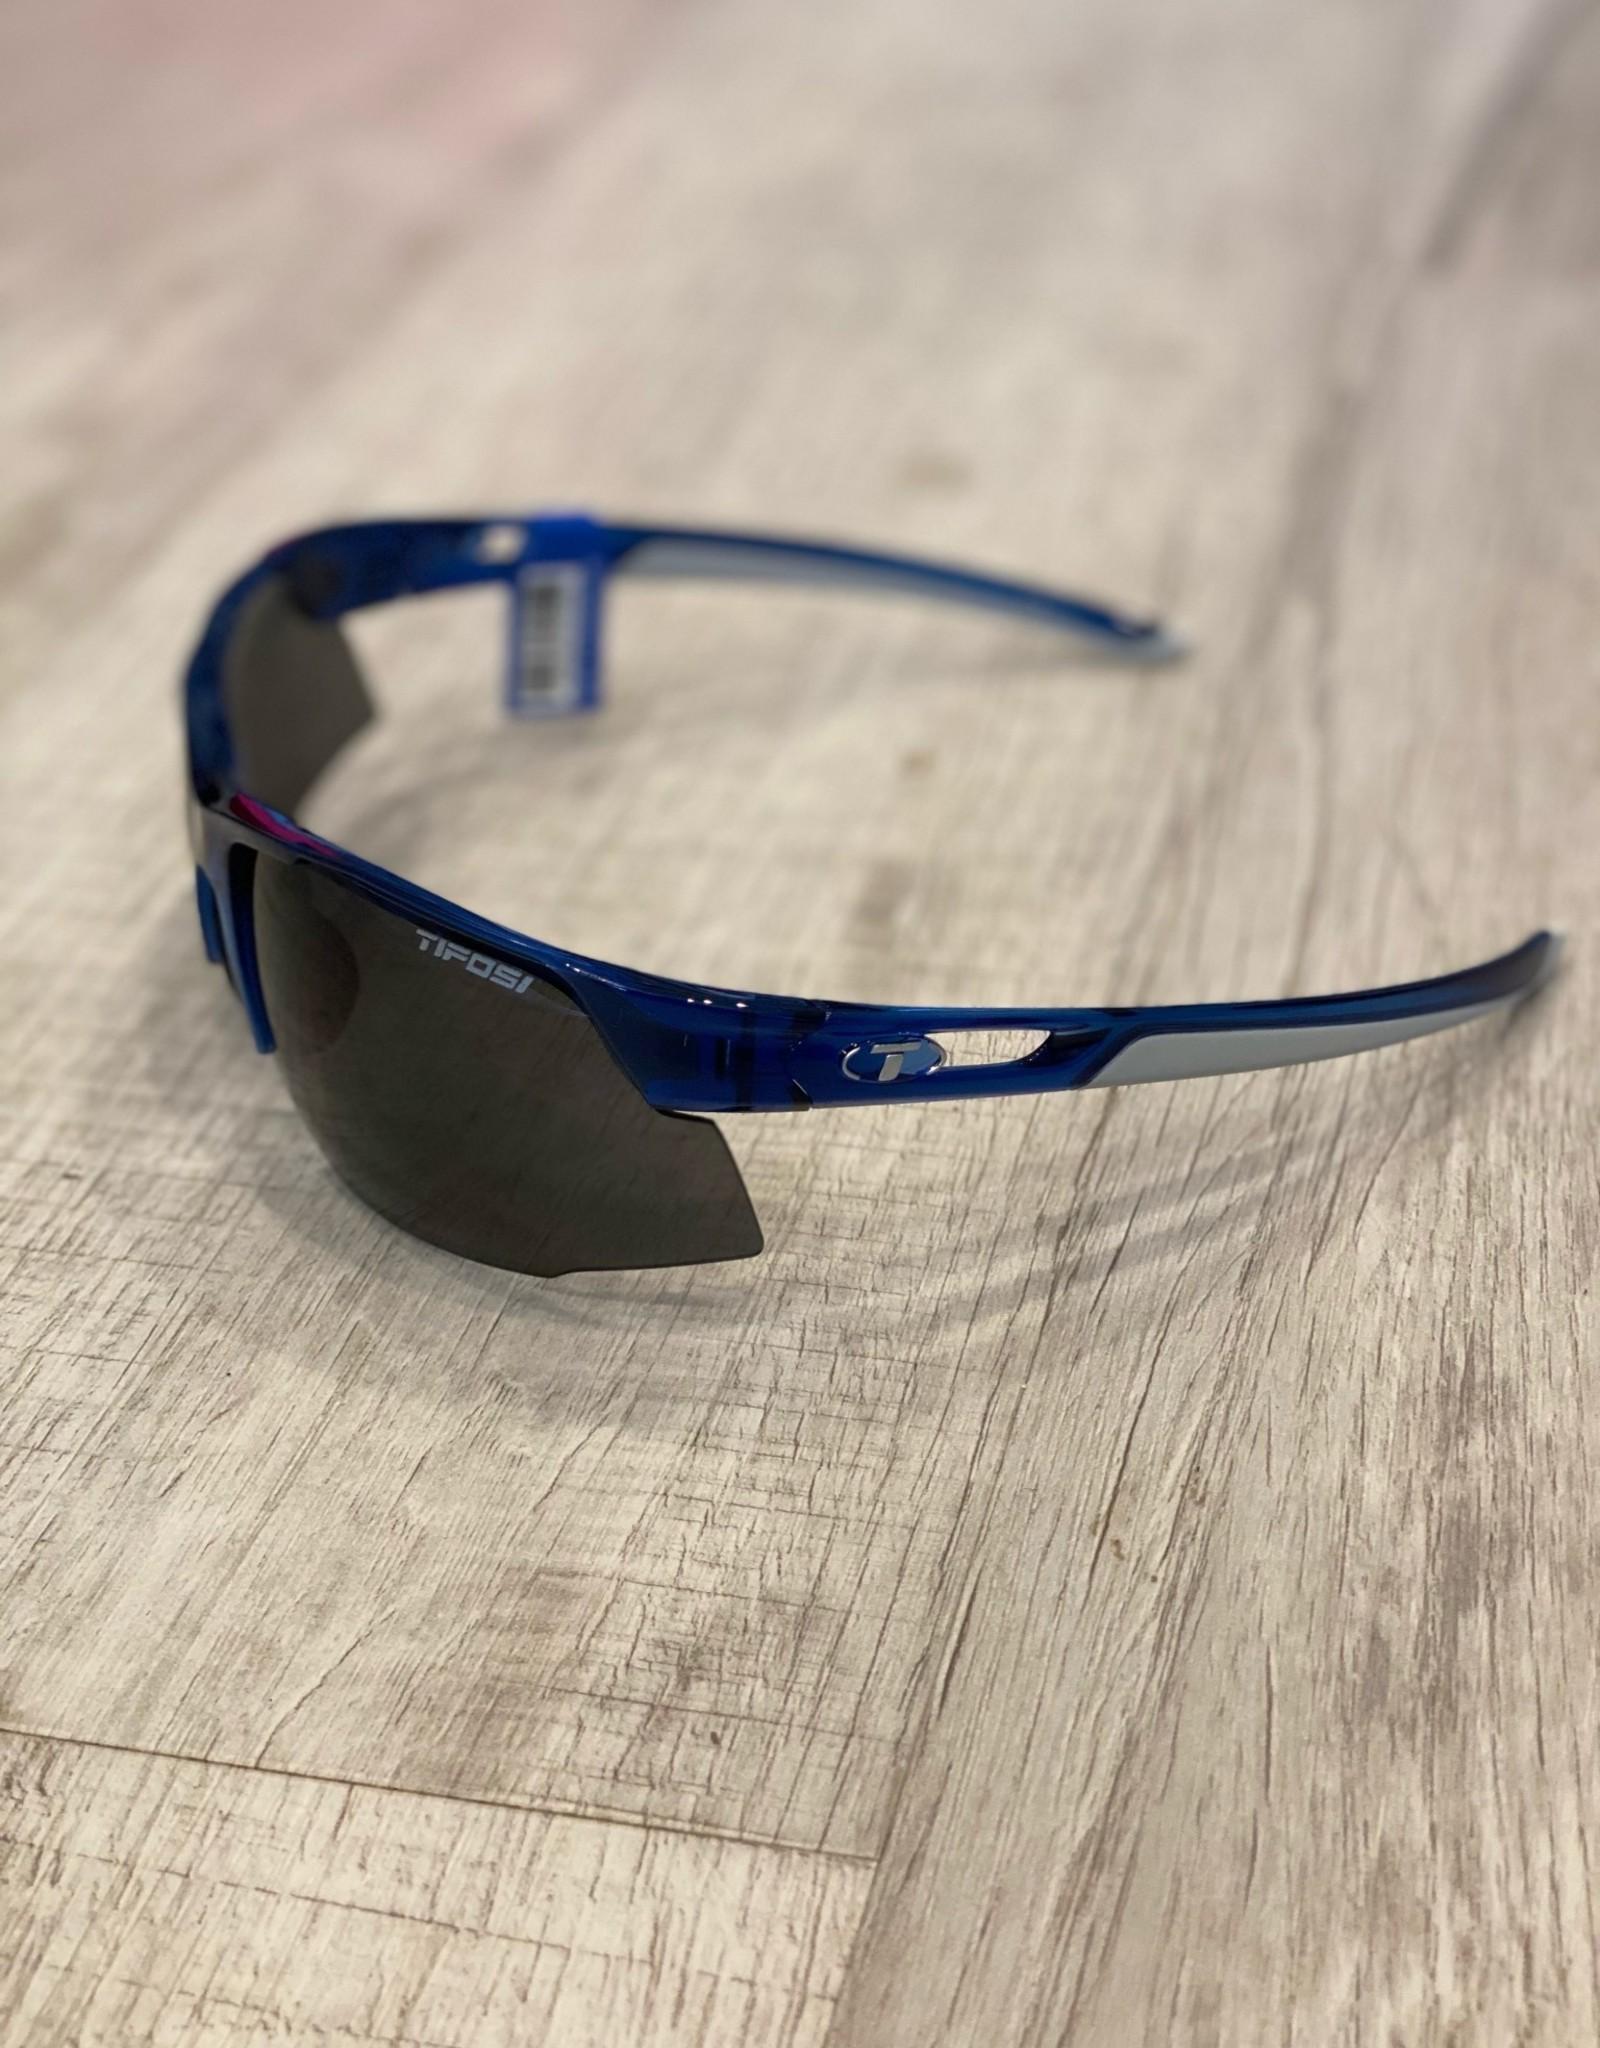 Tifosi Centus Sunglasses